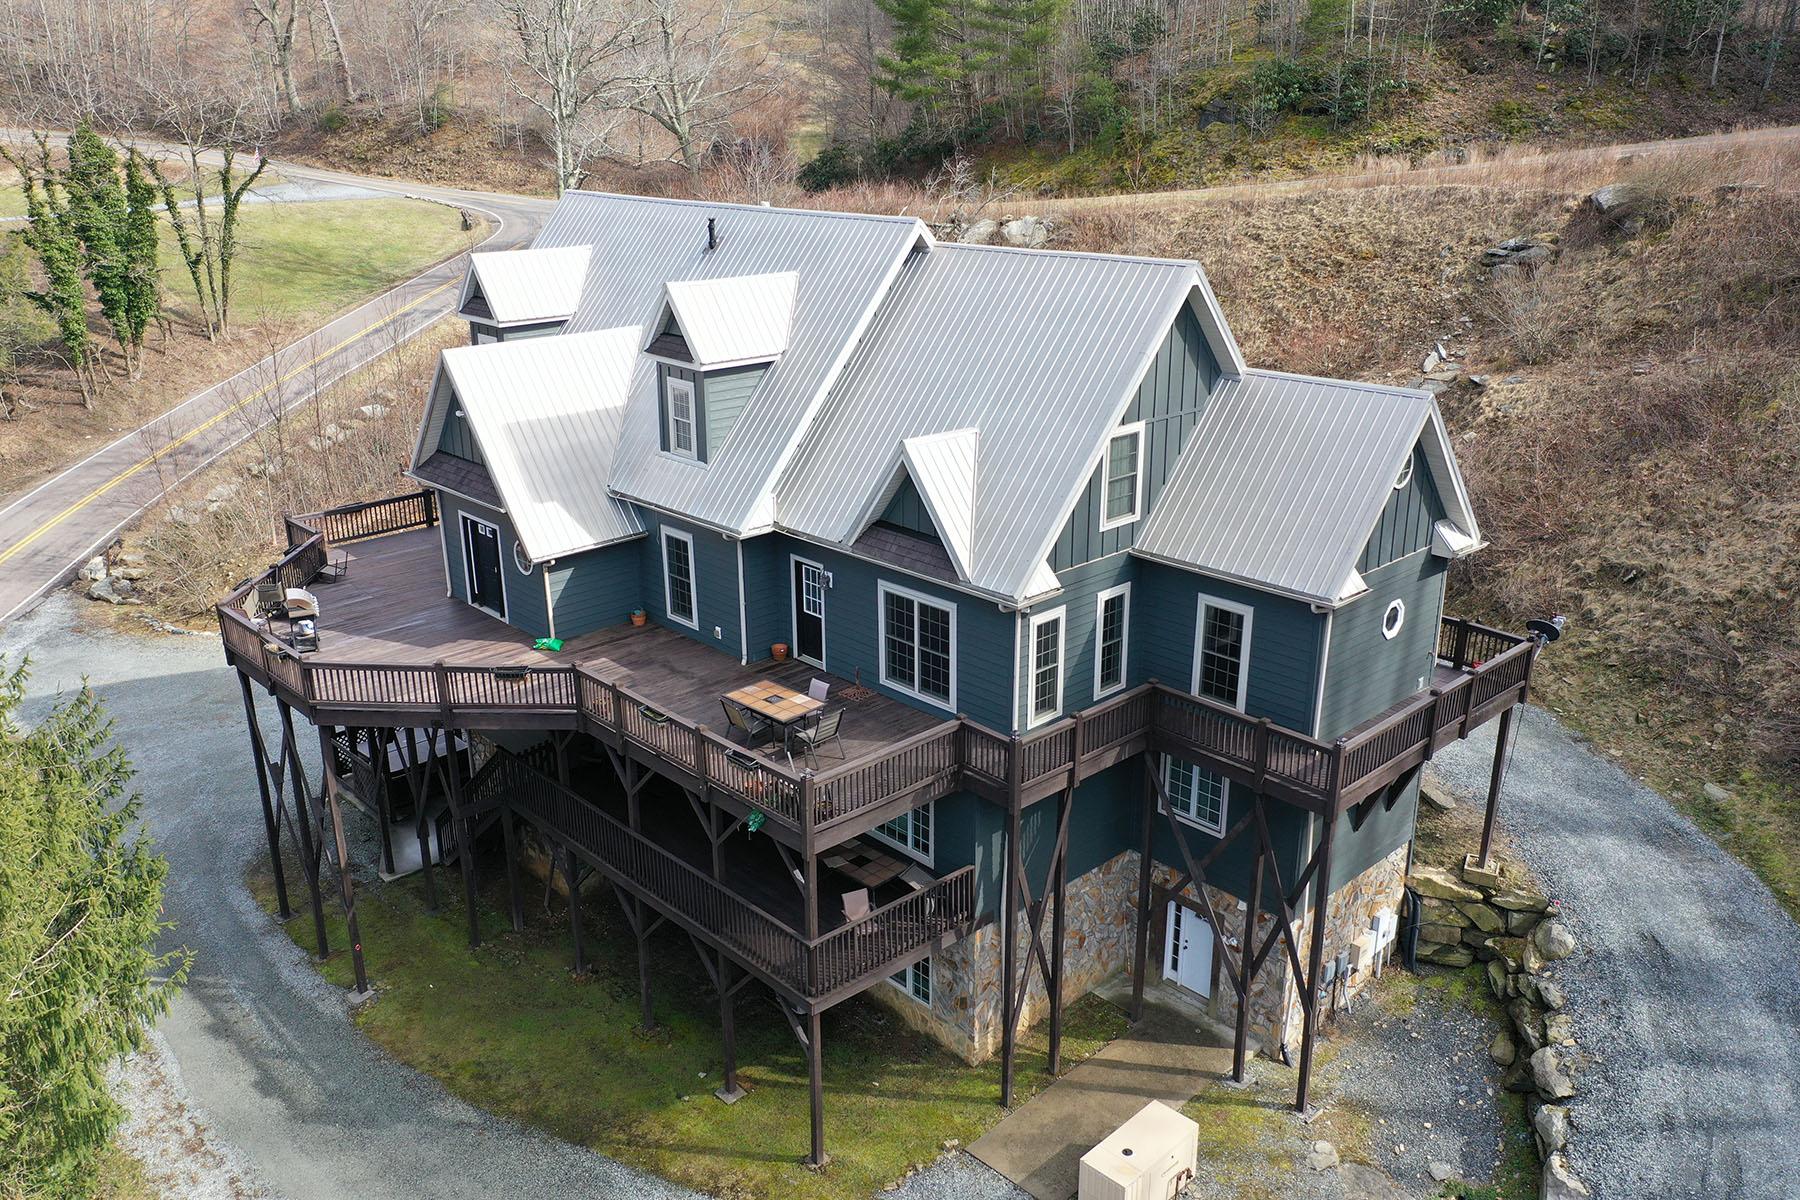 Single Family Homes for Active at VILAS 1455 Bairds Creek Rd Vilas, North Carolina 28692 United States